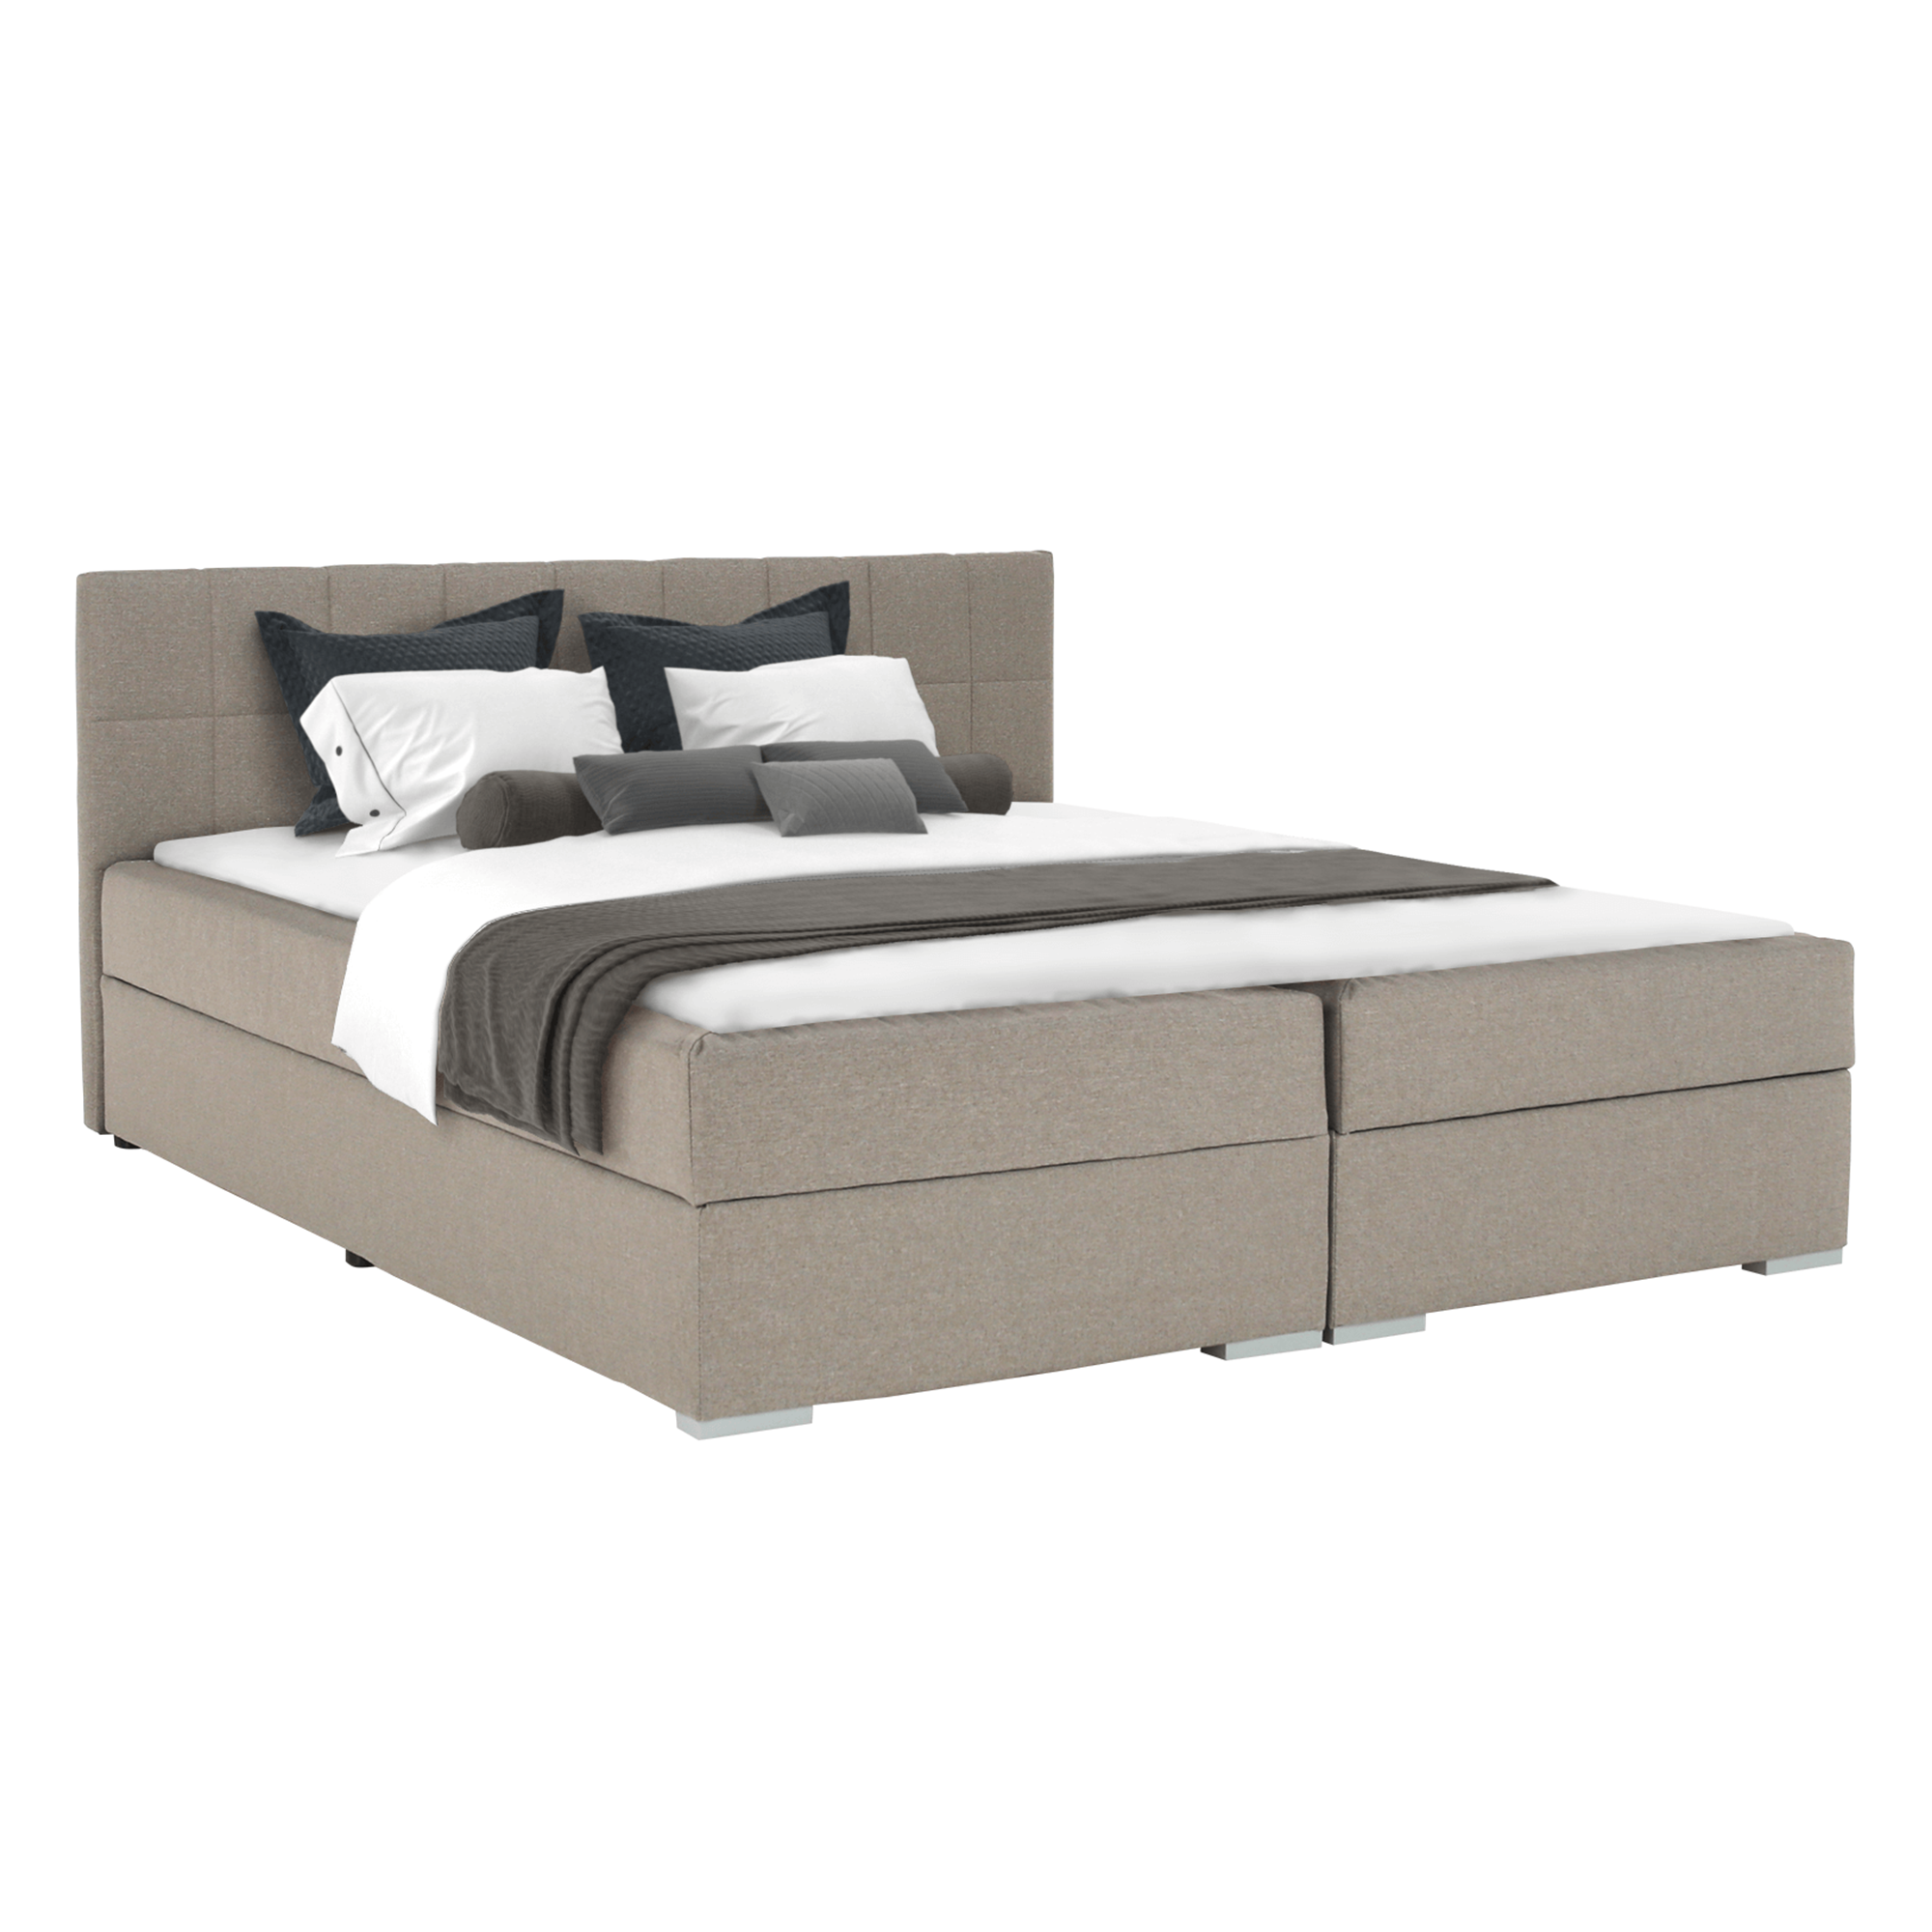 Boxspringová posteľ 180x200